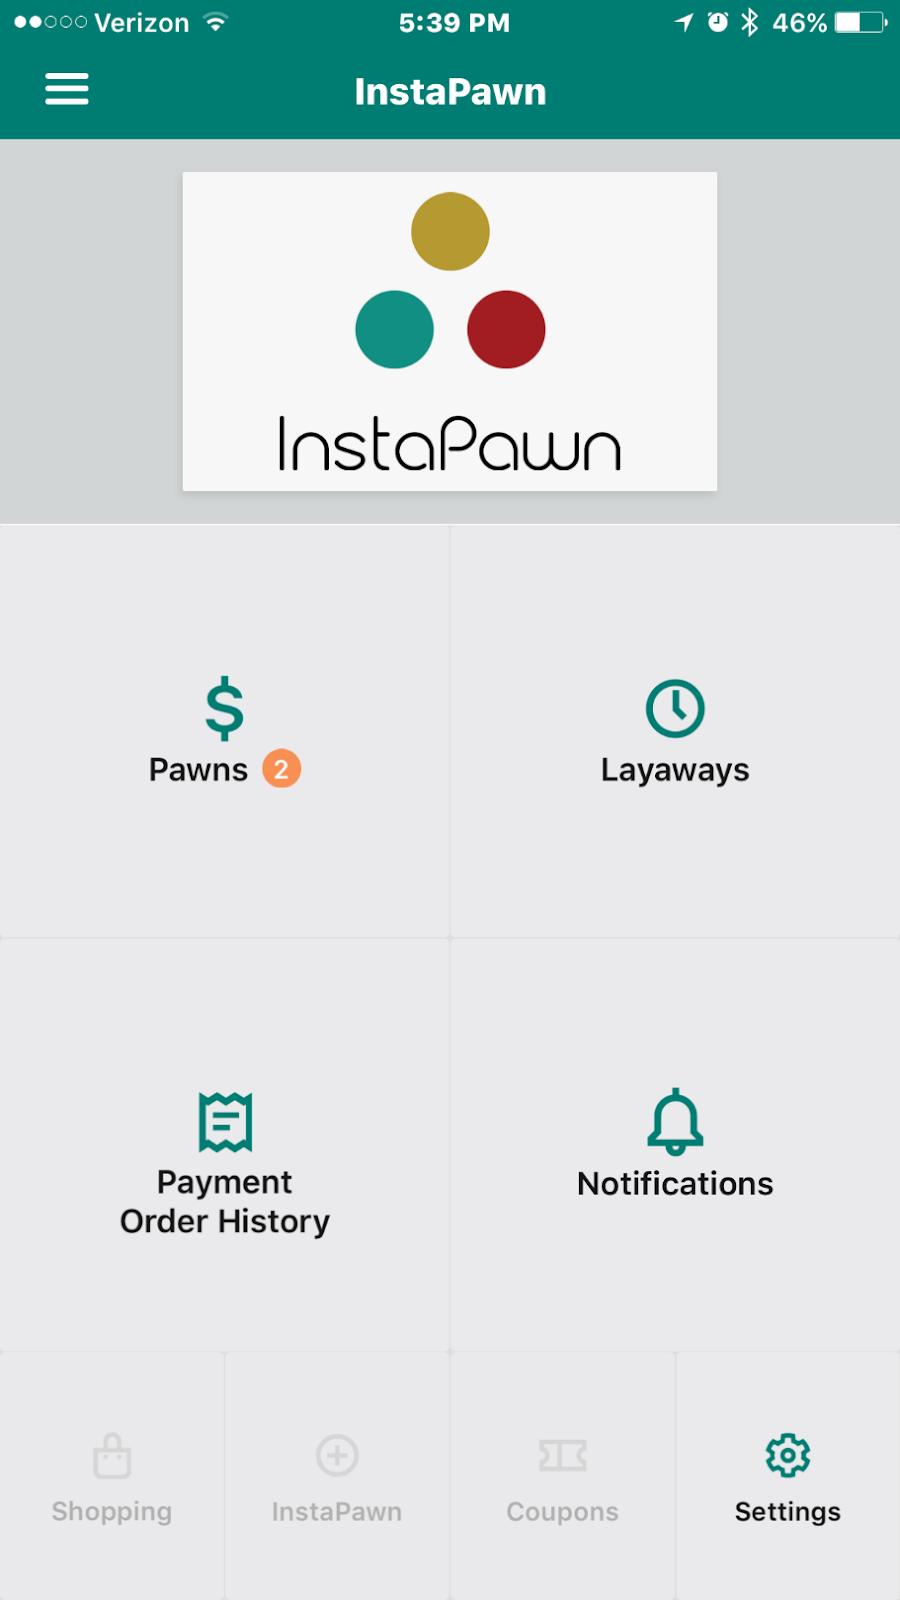 C:\Users\Cash1Pawn\Desktop\textpictures\Photo Dec 06, 5 39 07 PM.png